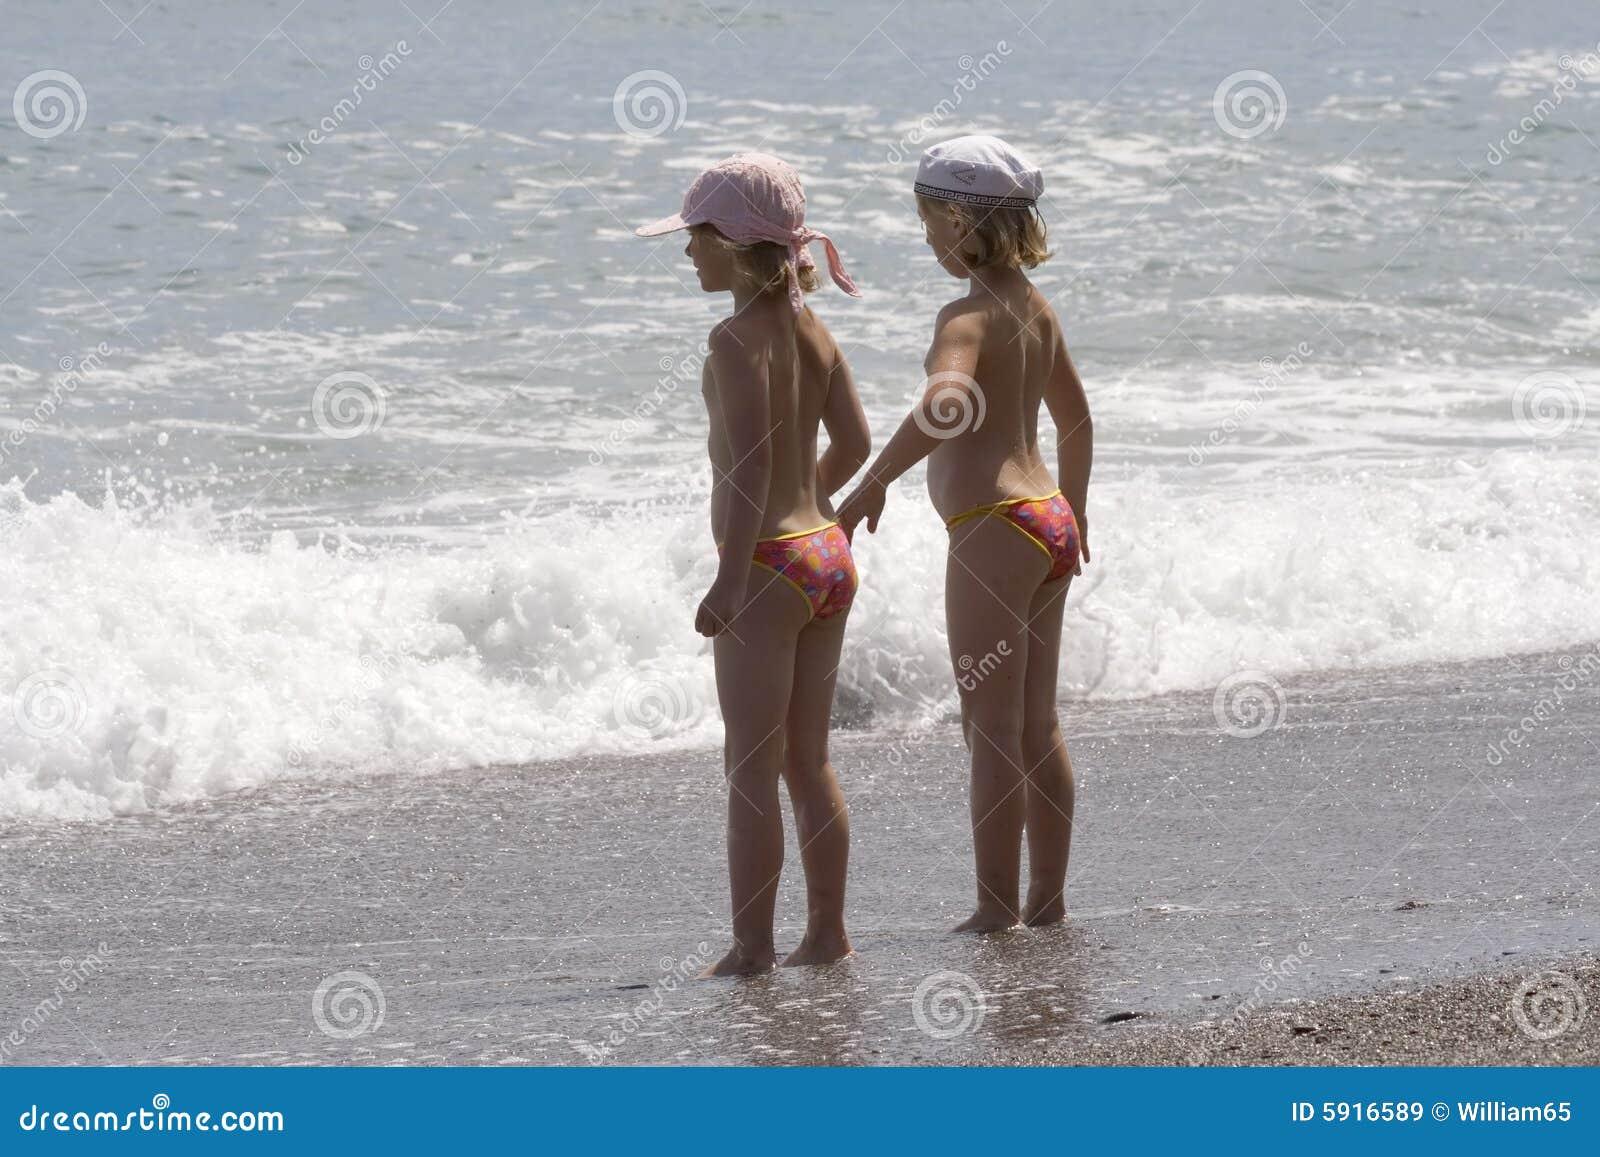 Фото с маленькой девочки сняли трусики 18 фотография